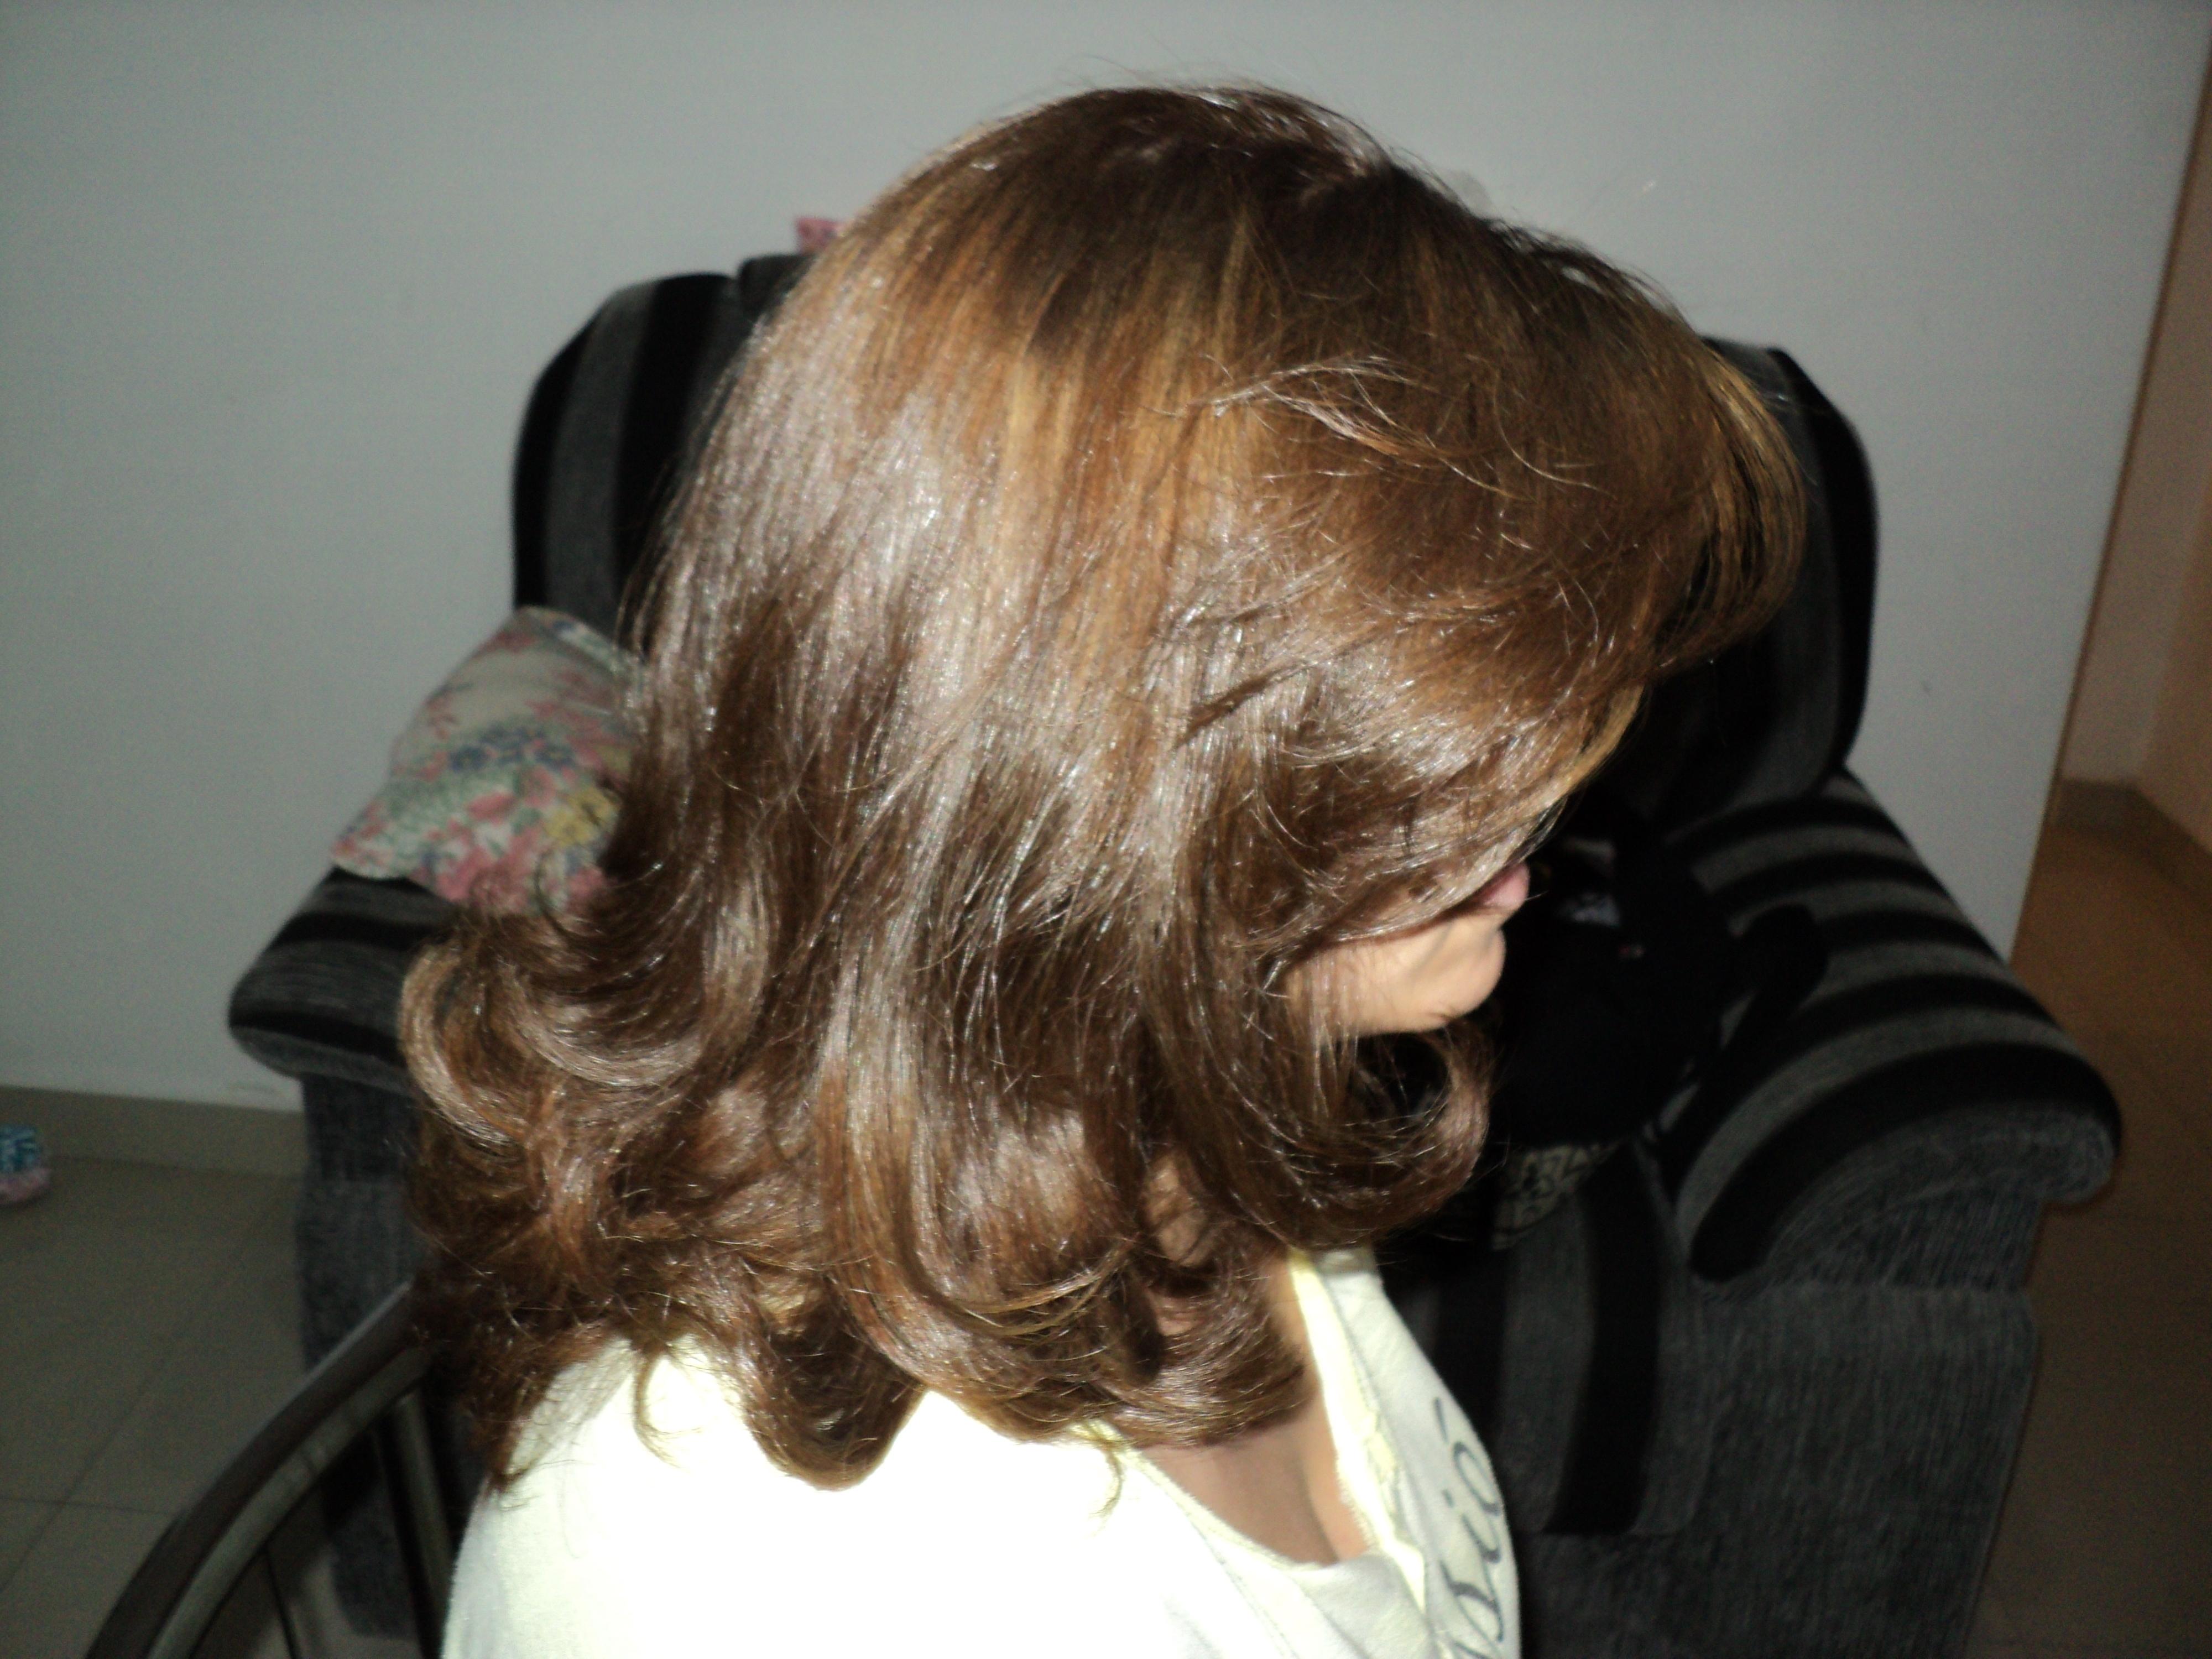 Corte,  escova e correção de cor  auxiliar cabeleireiro(a) auxiliar administrativo